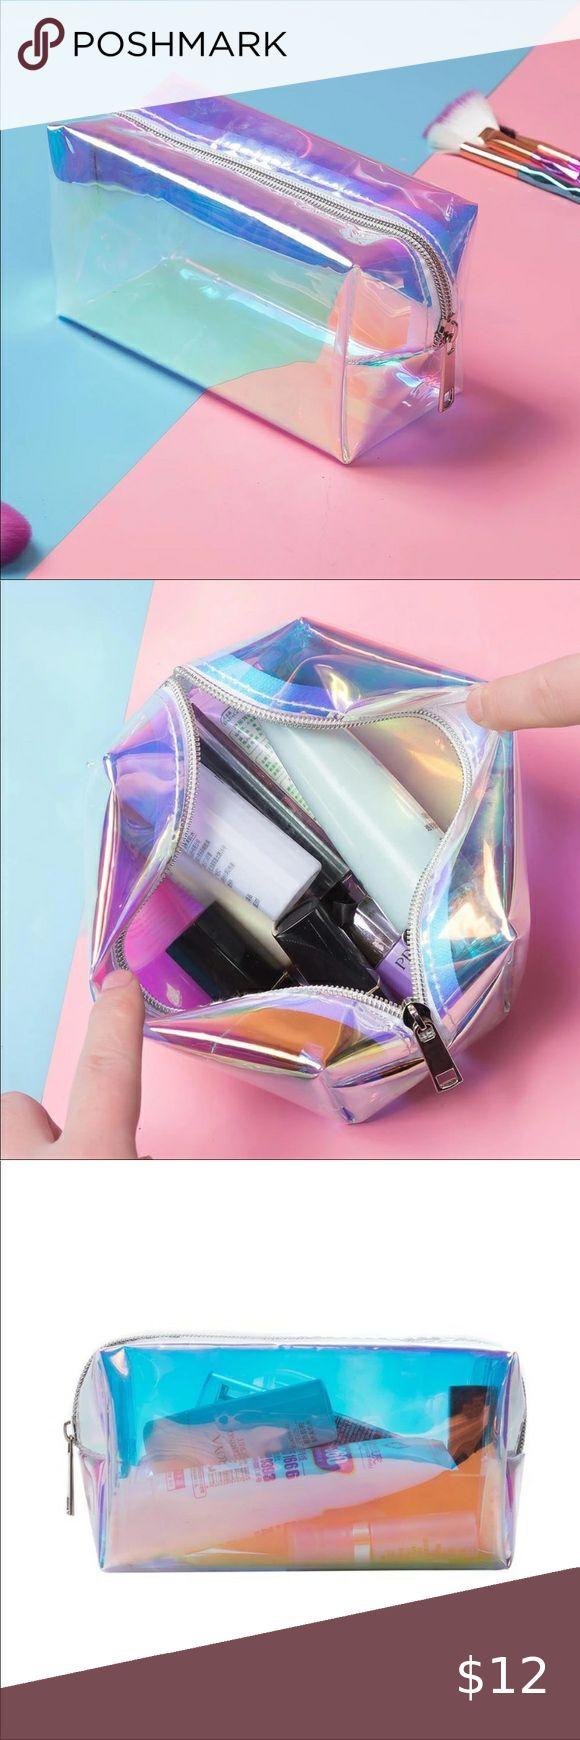 Iridescent Cosmetic Bag in 2020 Cosmetic bag, Bags